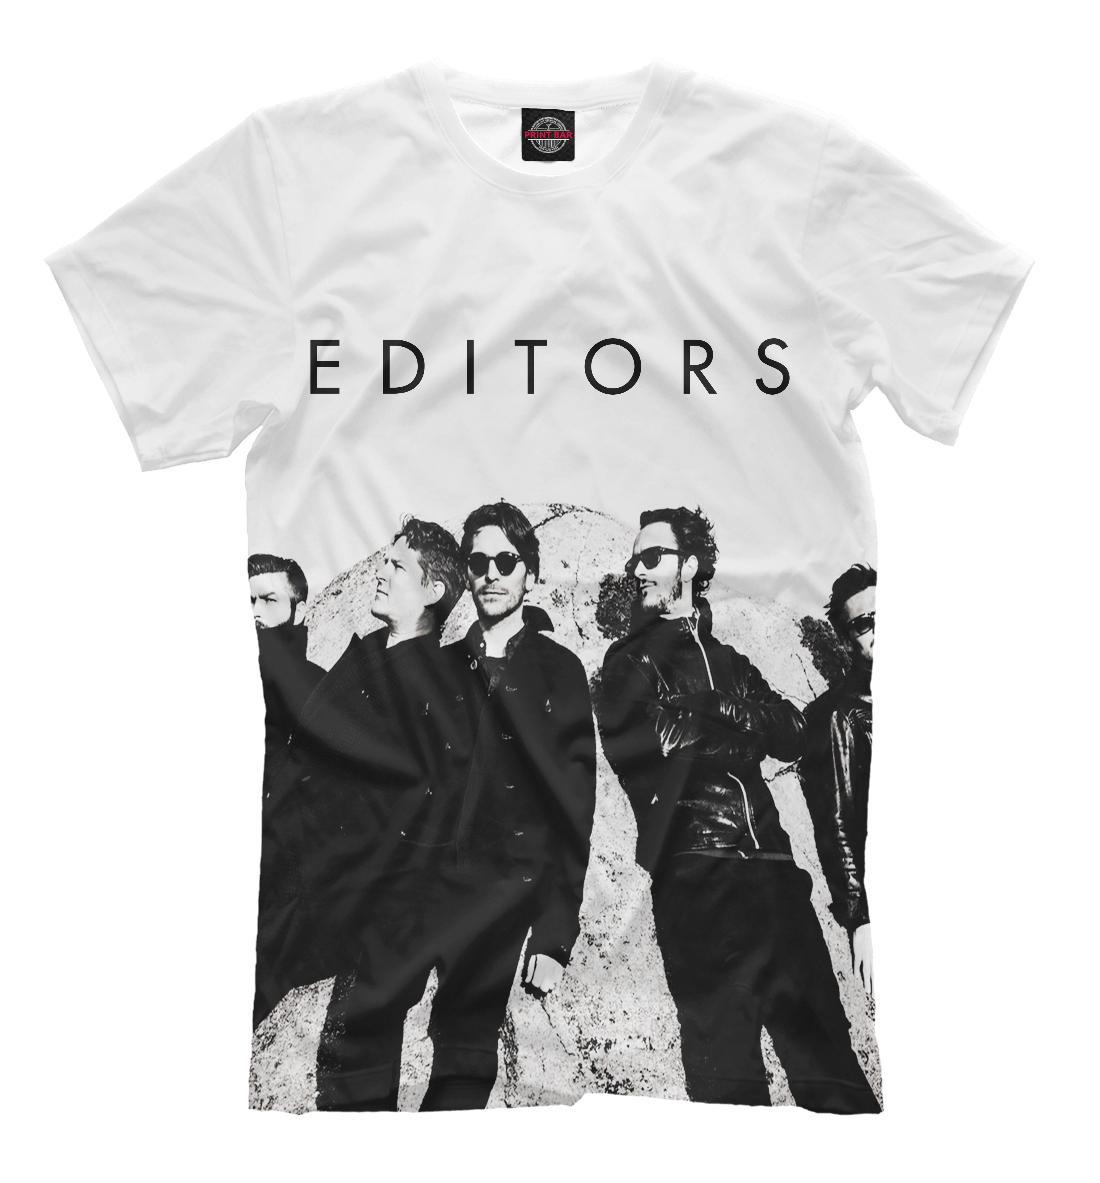 Купить Editors, Printbar, Футболки, MZK-688616-fut-2